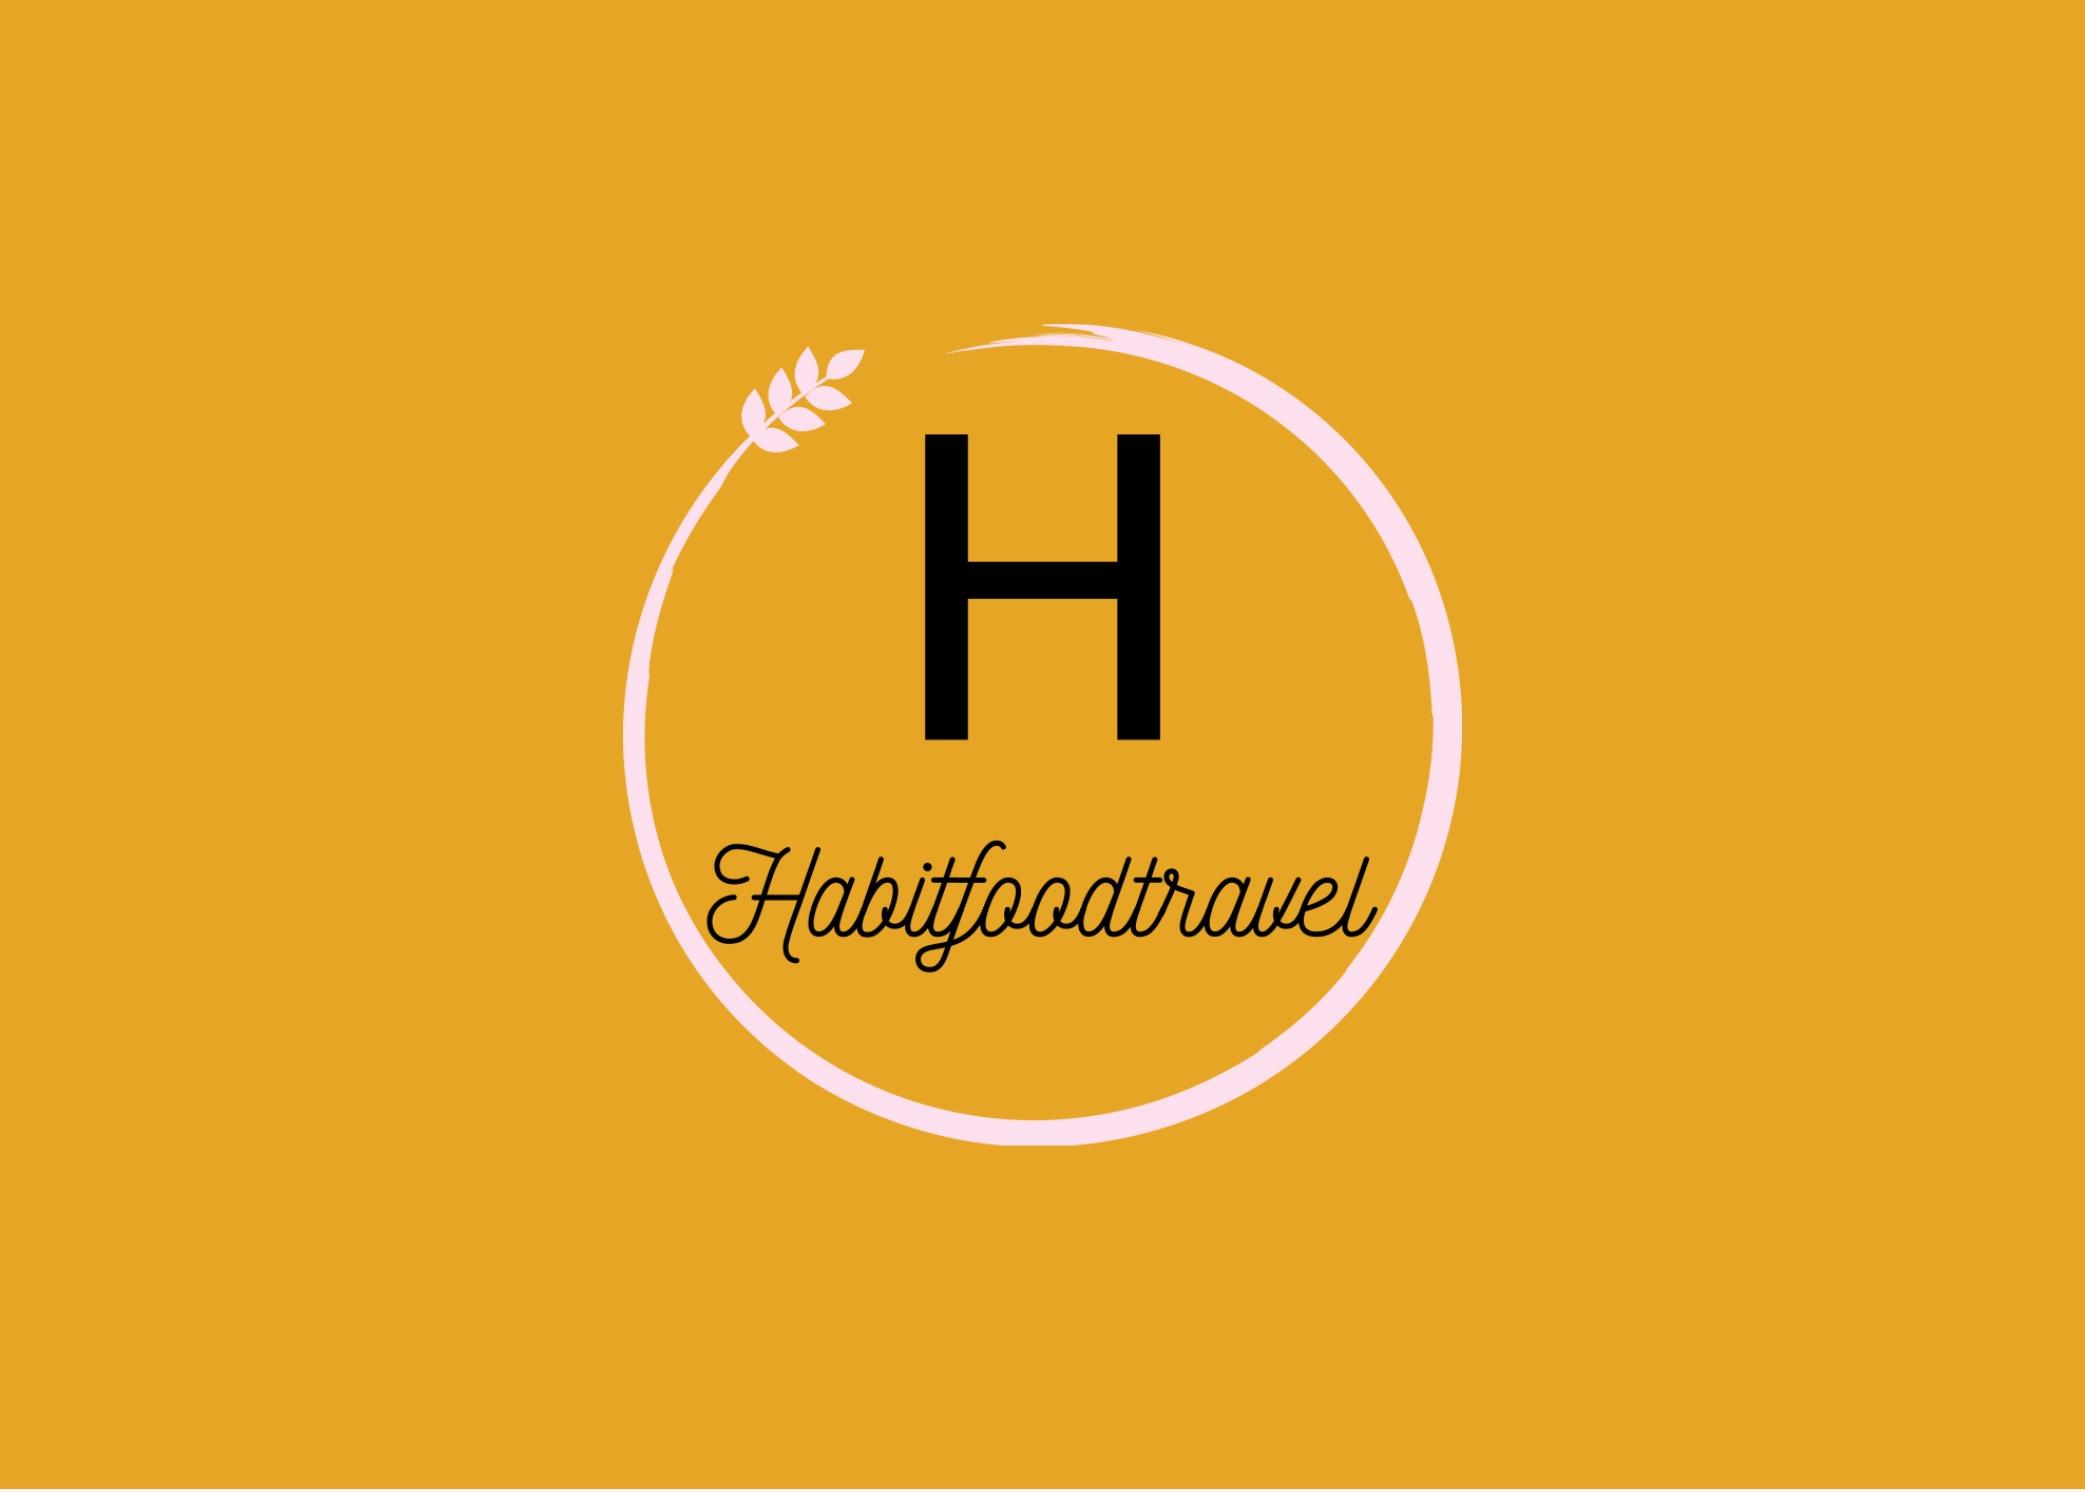 HabitFoodTravel